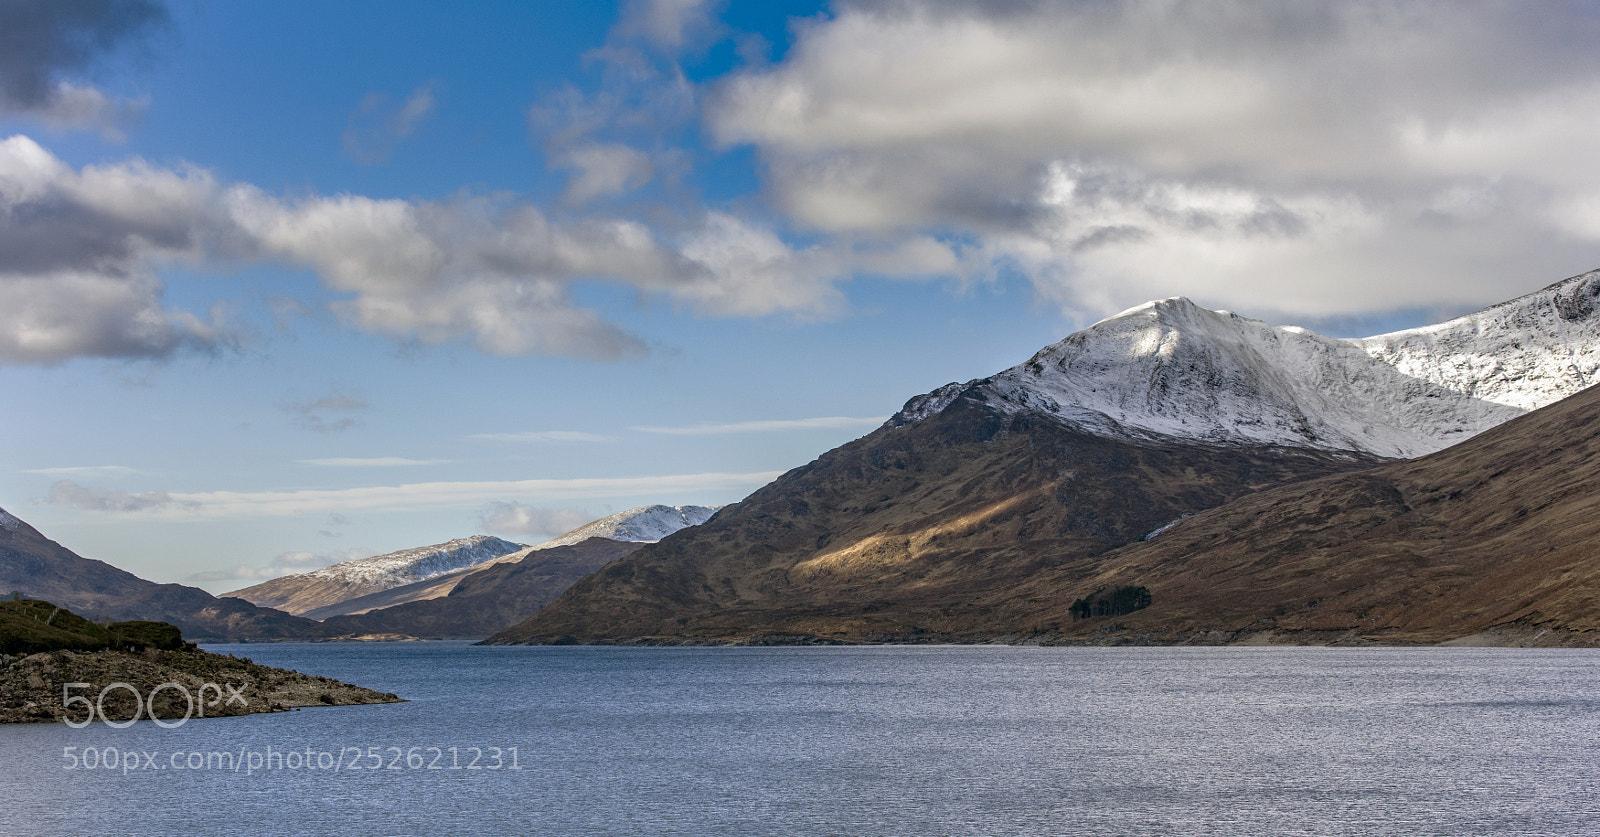 Loch Mullardoch, Canon EOS 5DS, Canon EF 70-300mm f/4-5.6L IS USM